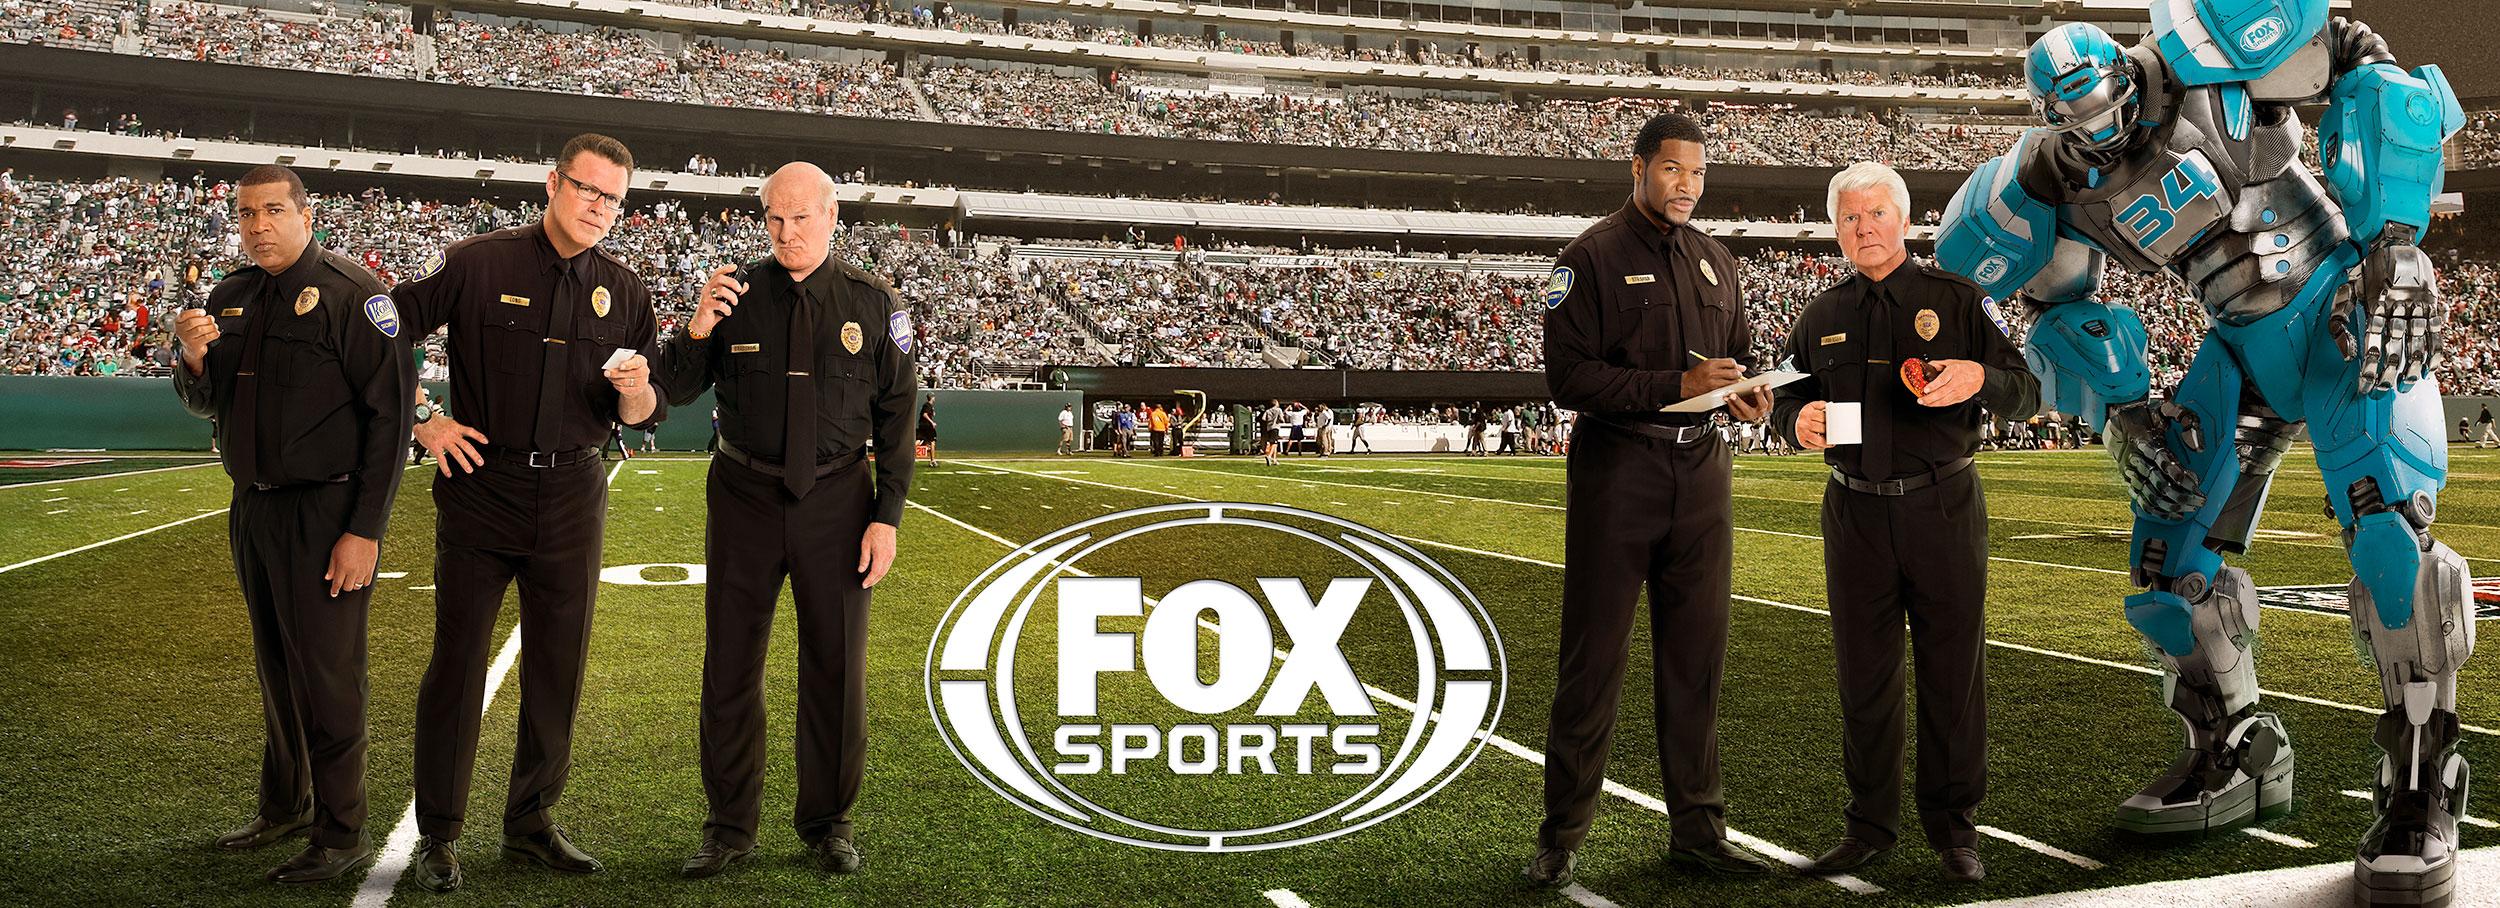 Fox Sports | NFL Lineup Wall